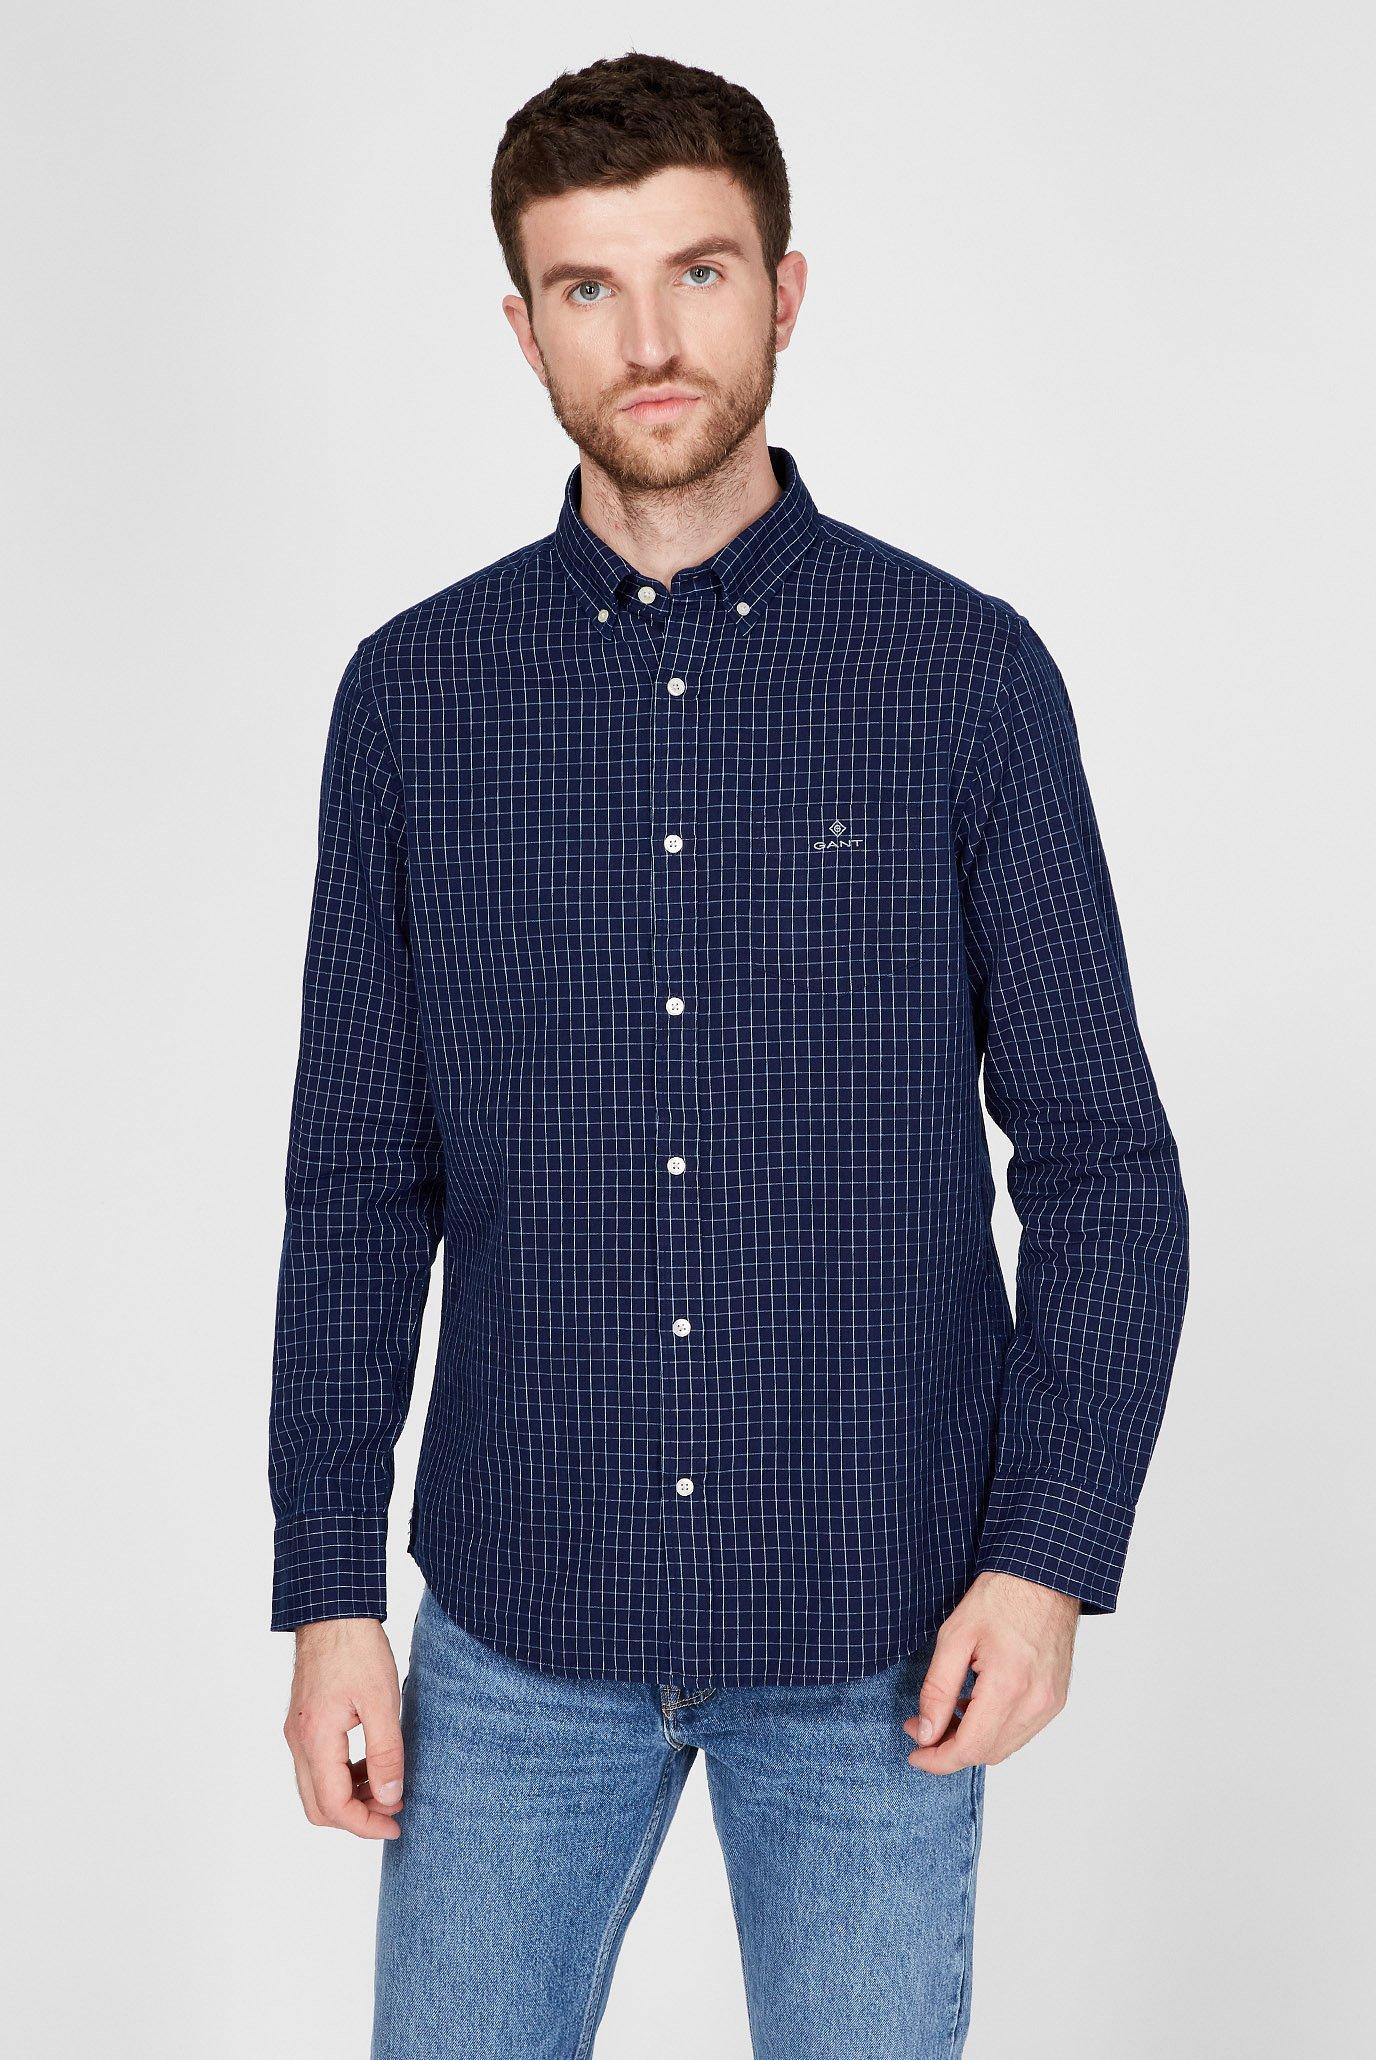 Мужская рубашка в клетку INDIGO WINDOW PANE 1